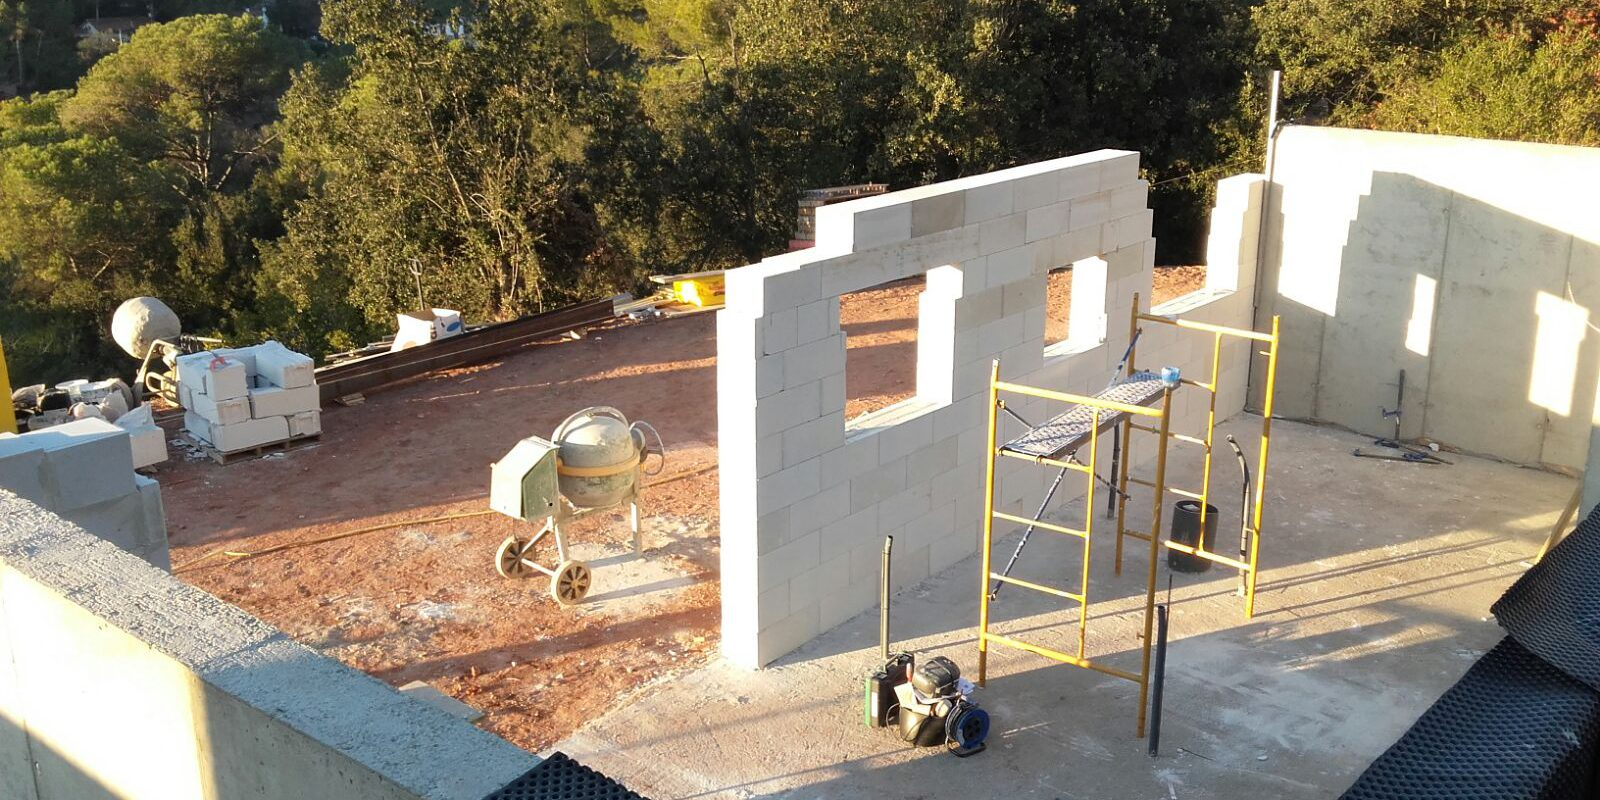 Casas prefabricadas de hormig n construimos tu casa - Casa prefabricadas de hormigon ...